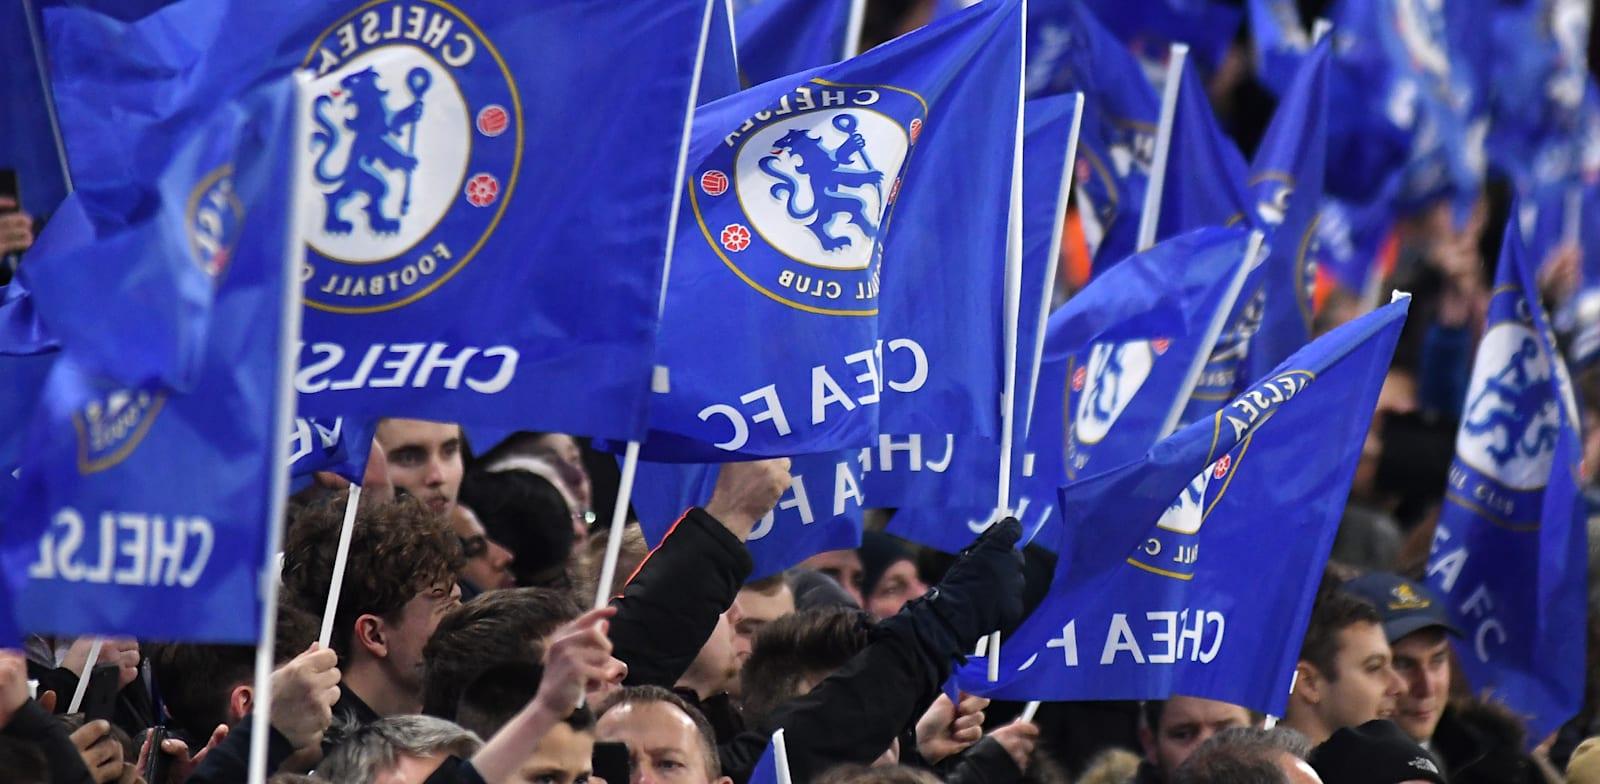 קבוצת הכדורגל צ'לסי / צילום: Shutterstock